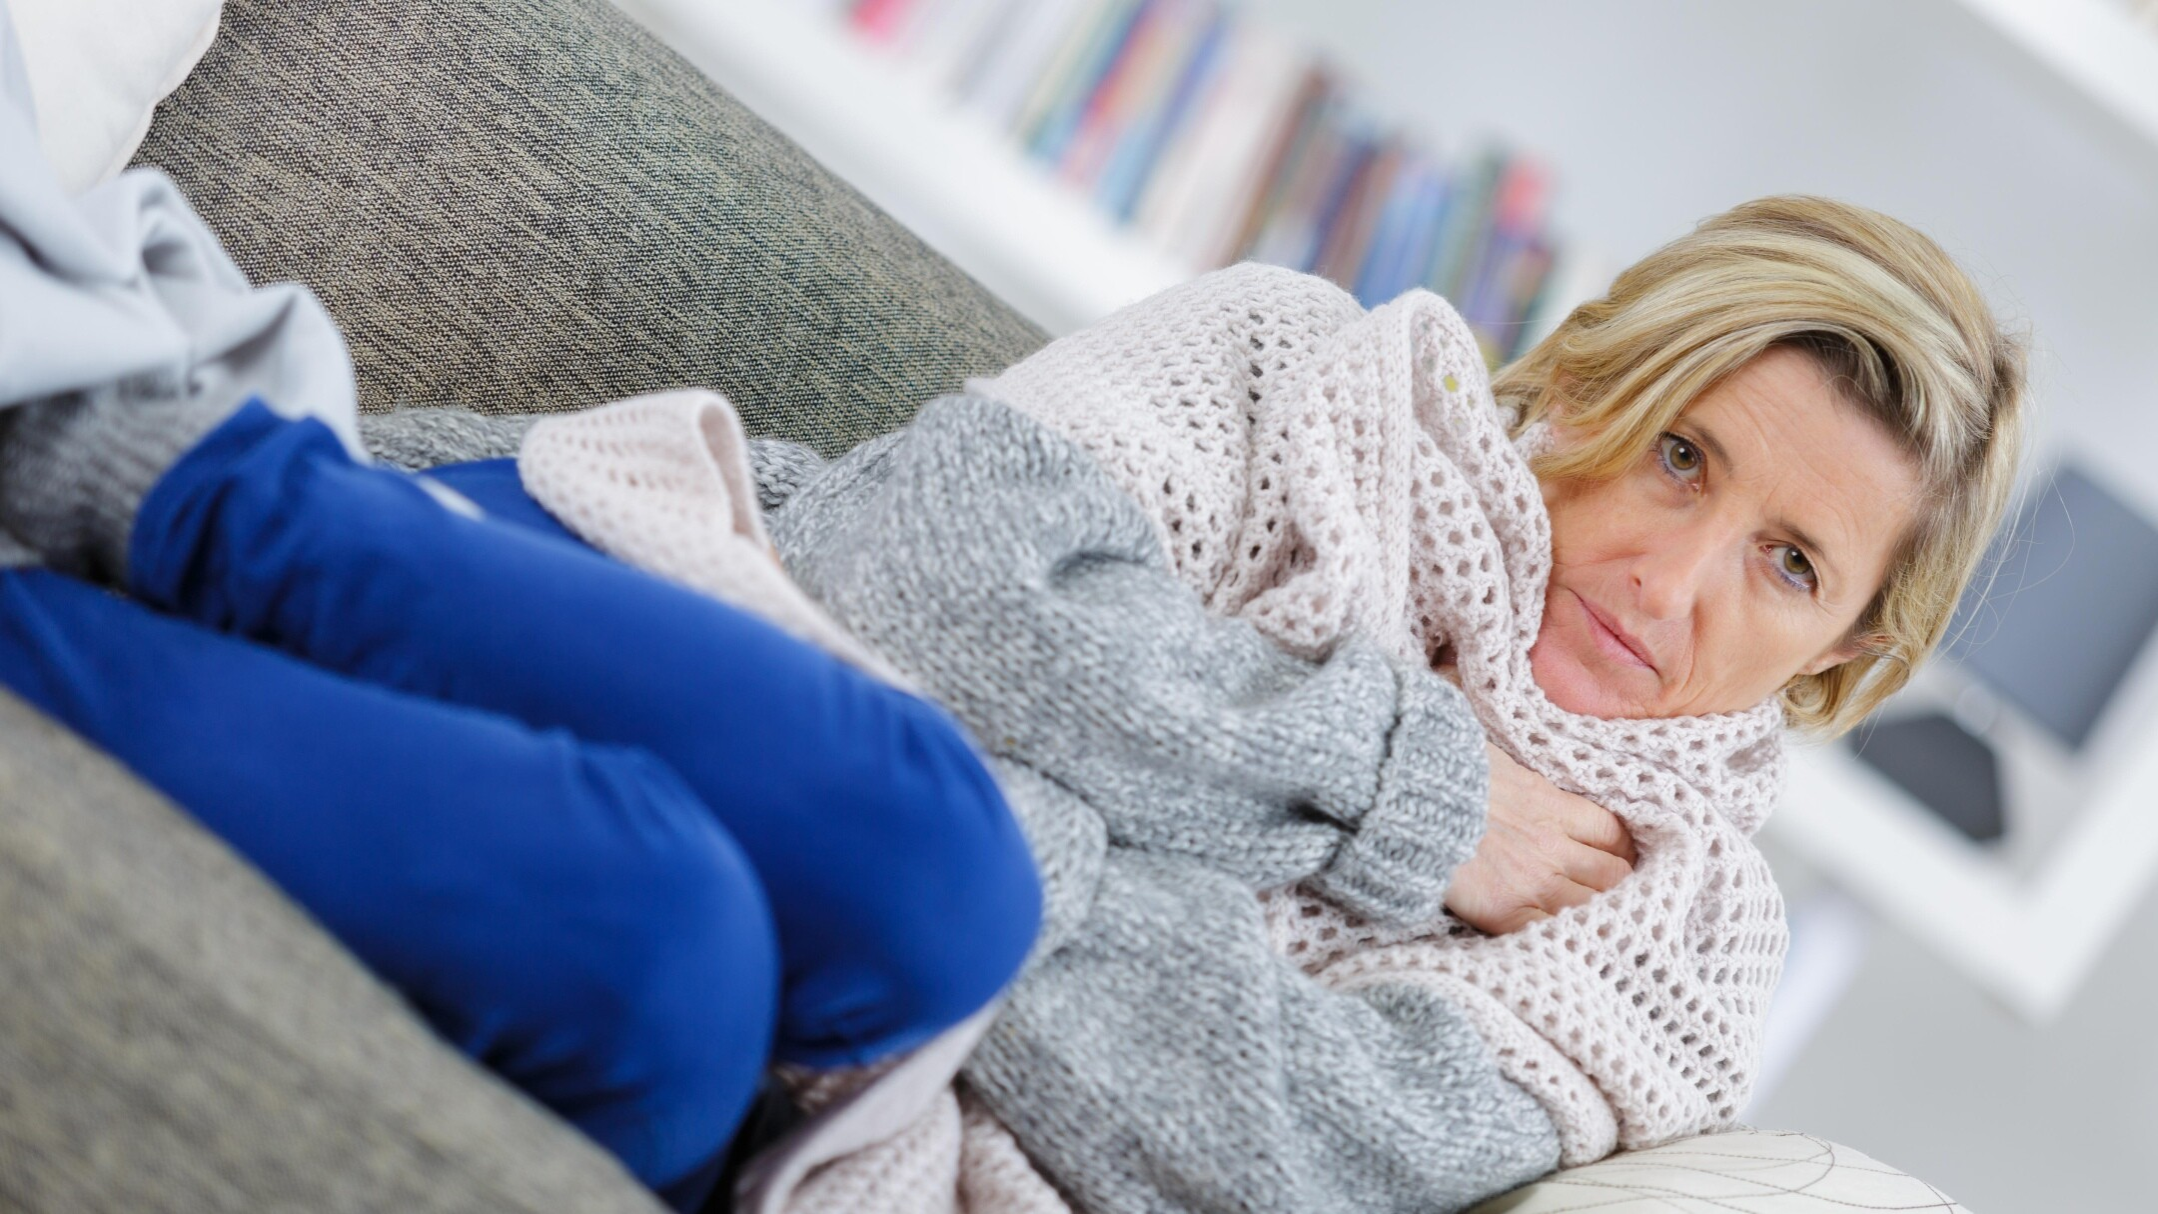 Du må alligevel godt stoppe penicillin-kuren før tid | Mit Liv | DR